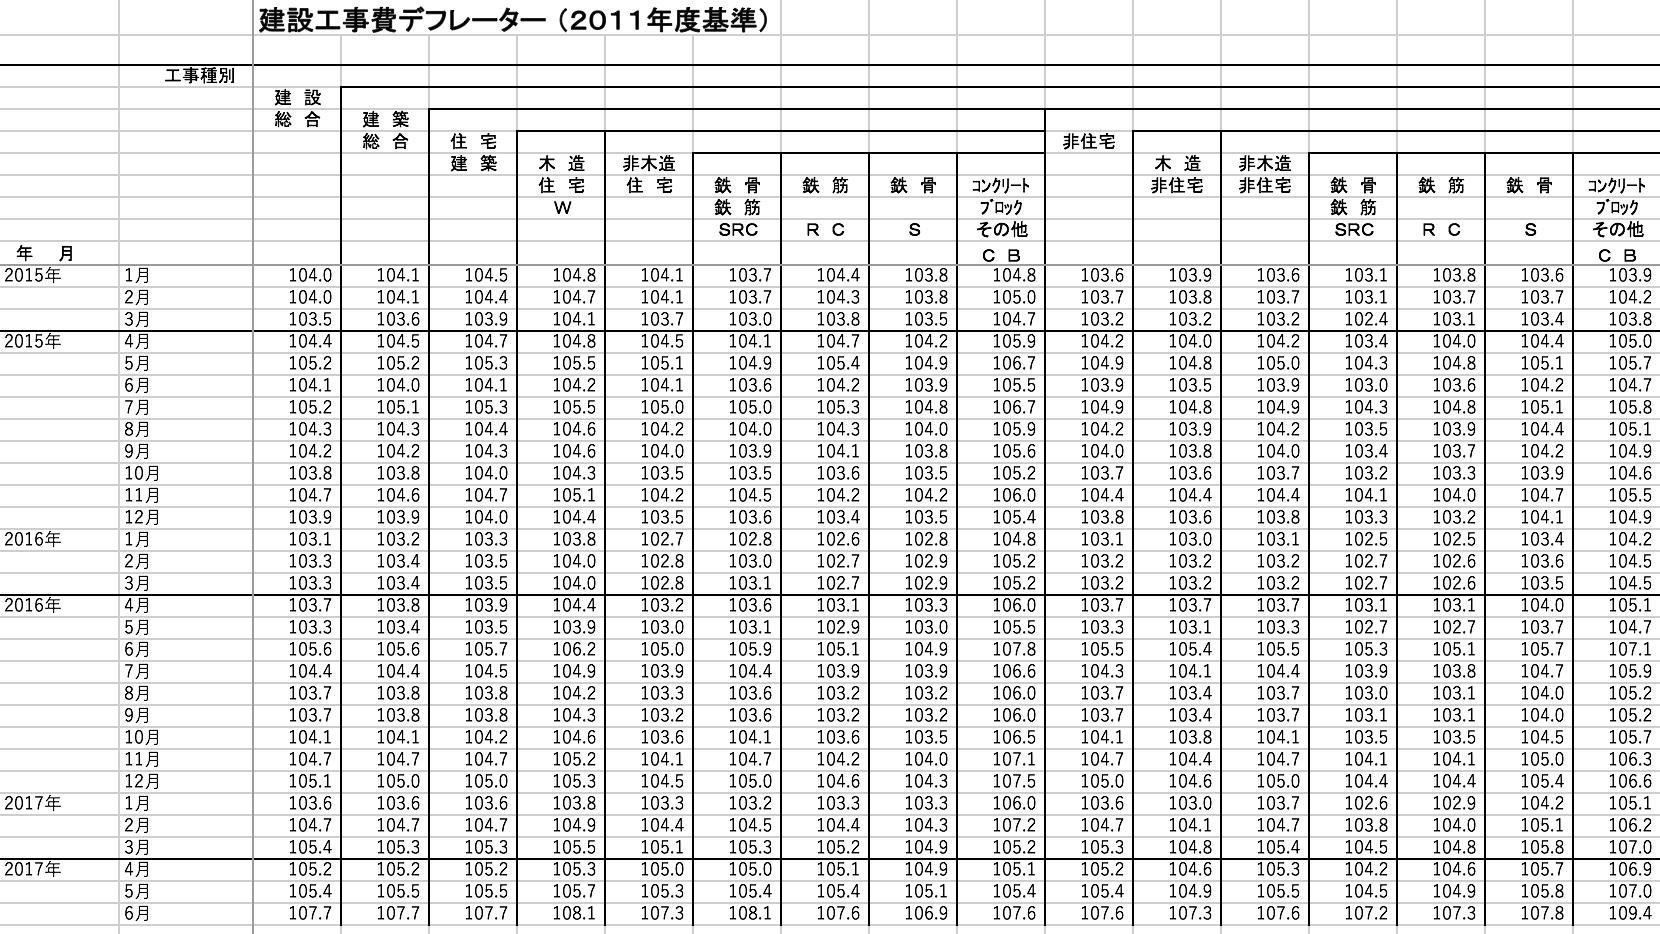 建設工事費デフレーター(2011年度基準)